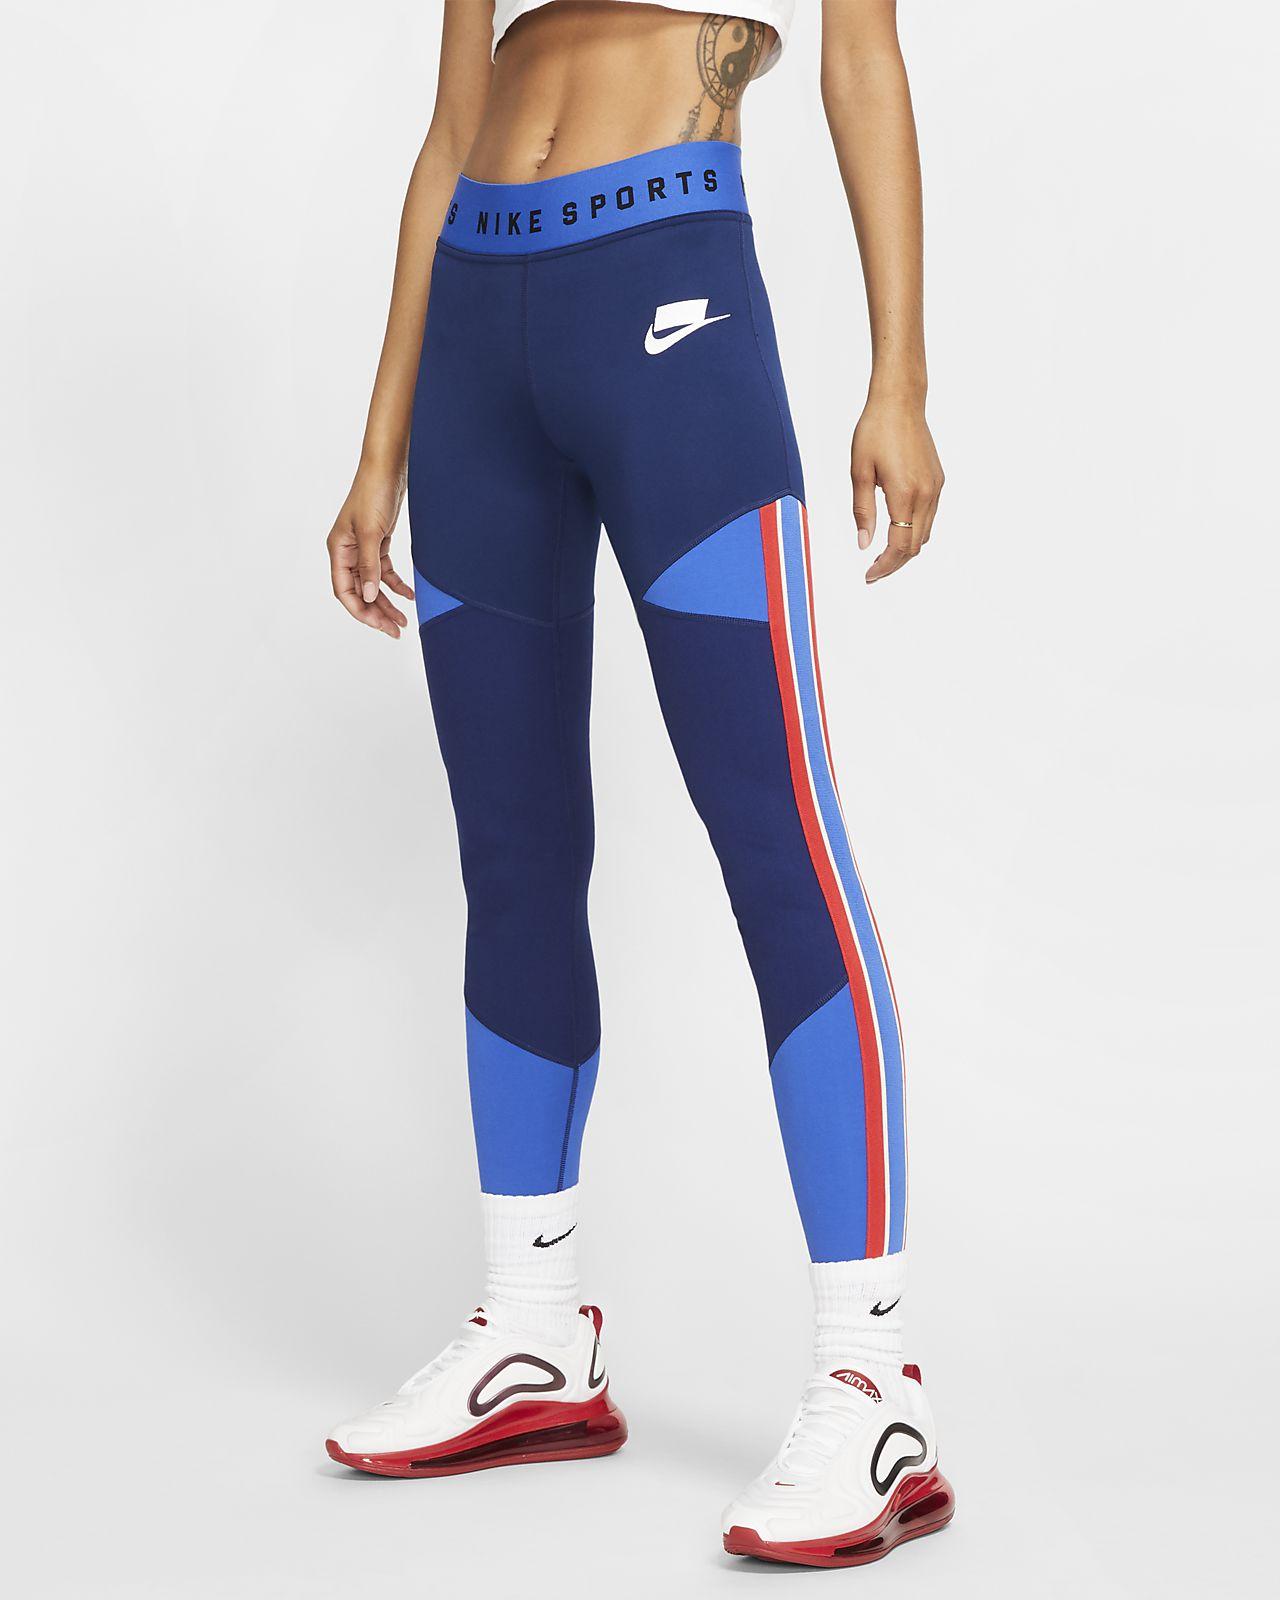 Femme Legging Nike Nike Legging Femme Motif SUzVpqM